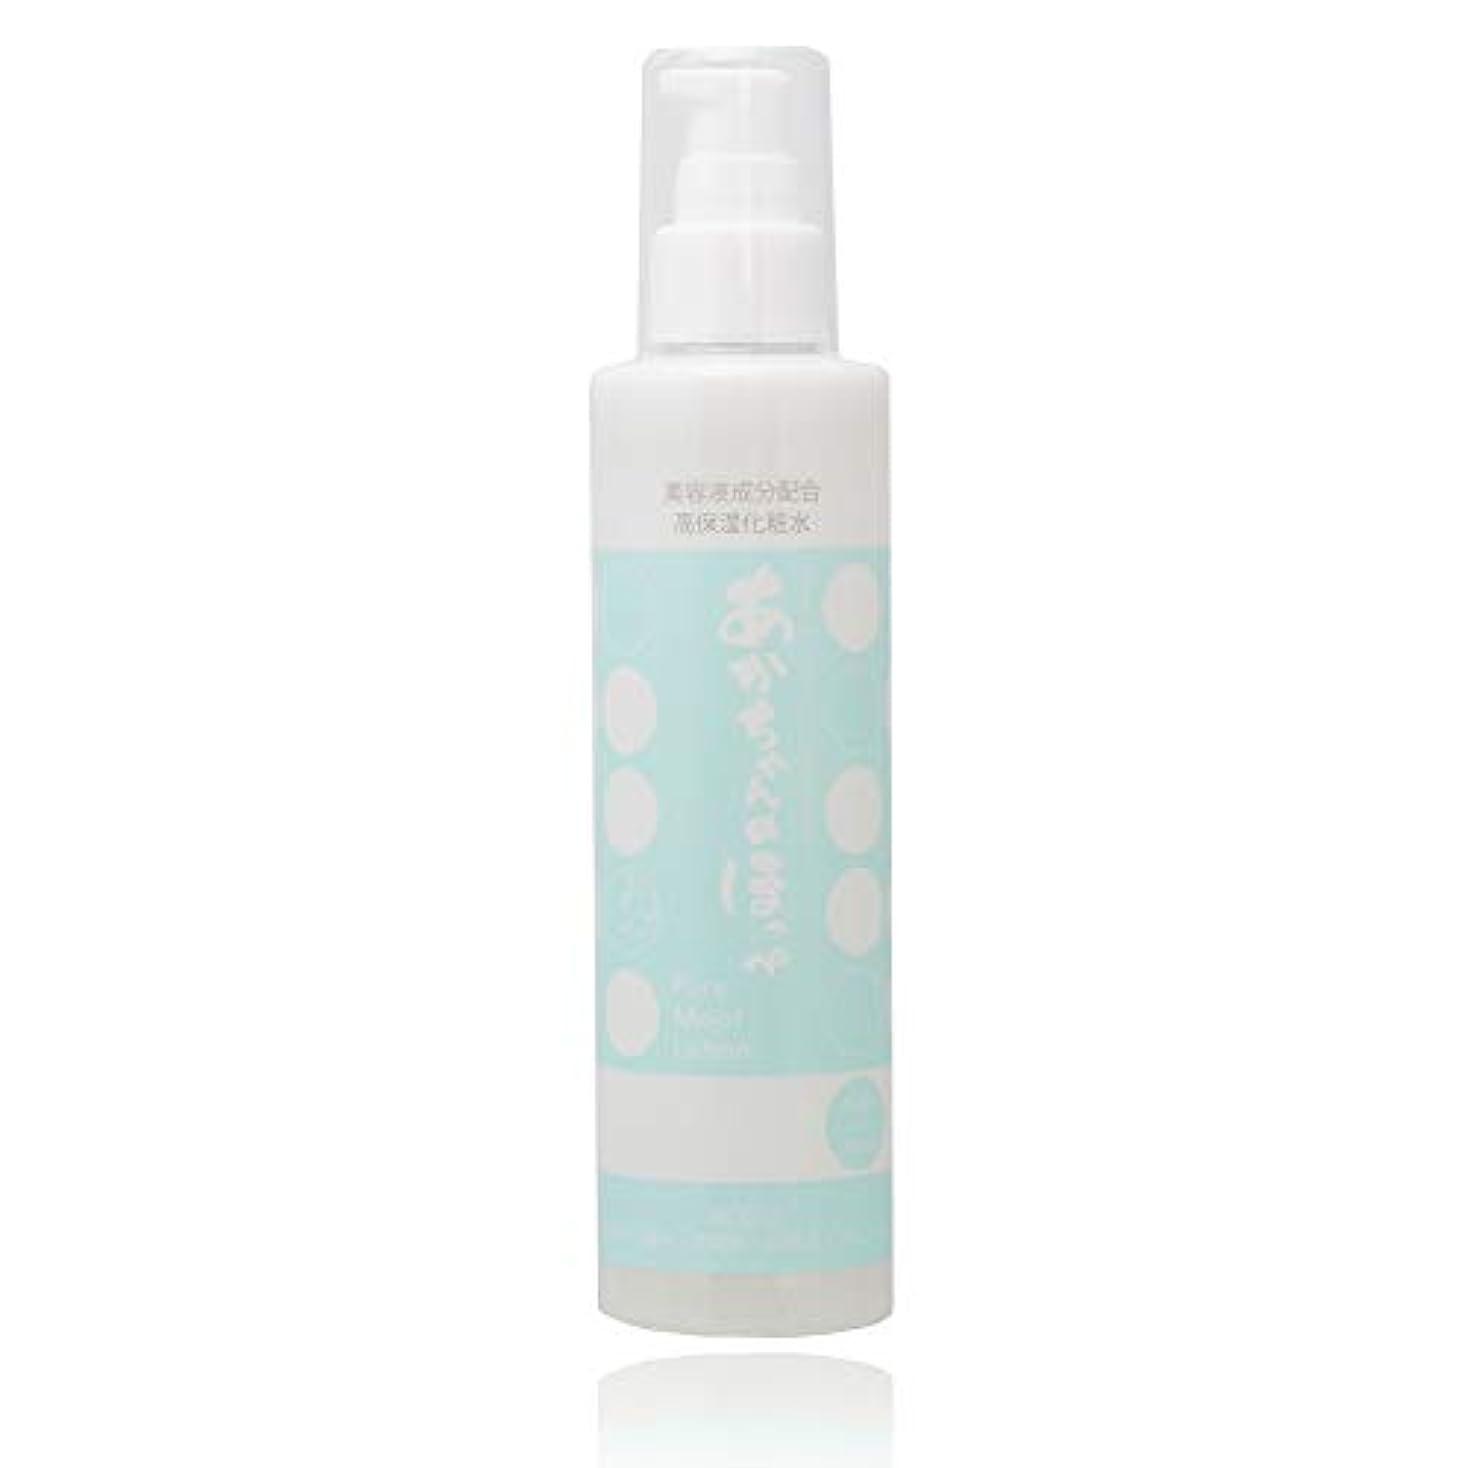 開発する不規則性賛美歌美容液からつくった高保湿栄養化粧水 「あかちゃんのほっぺ」 PureMoist 200ml 明日のお肌が好きになる化粧水